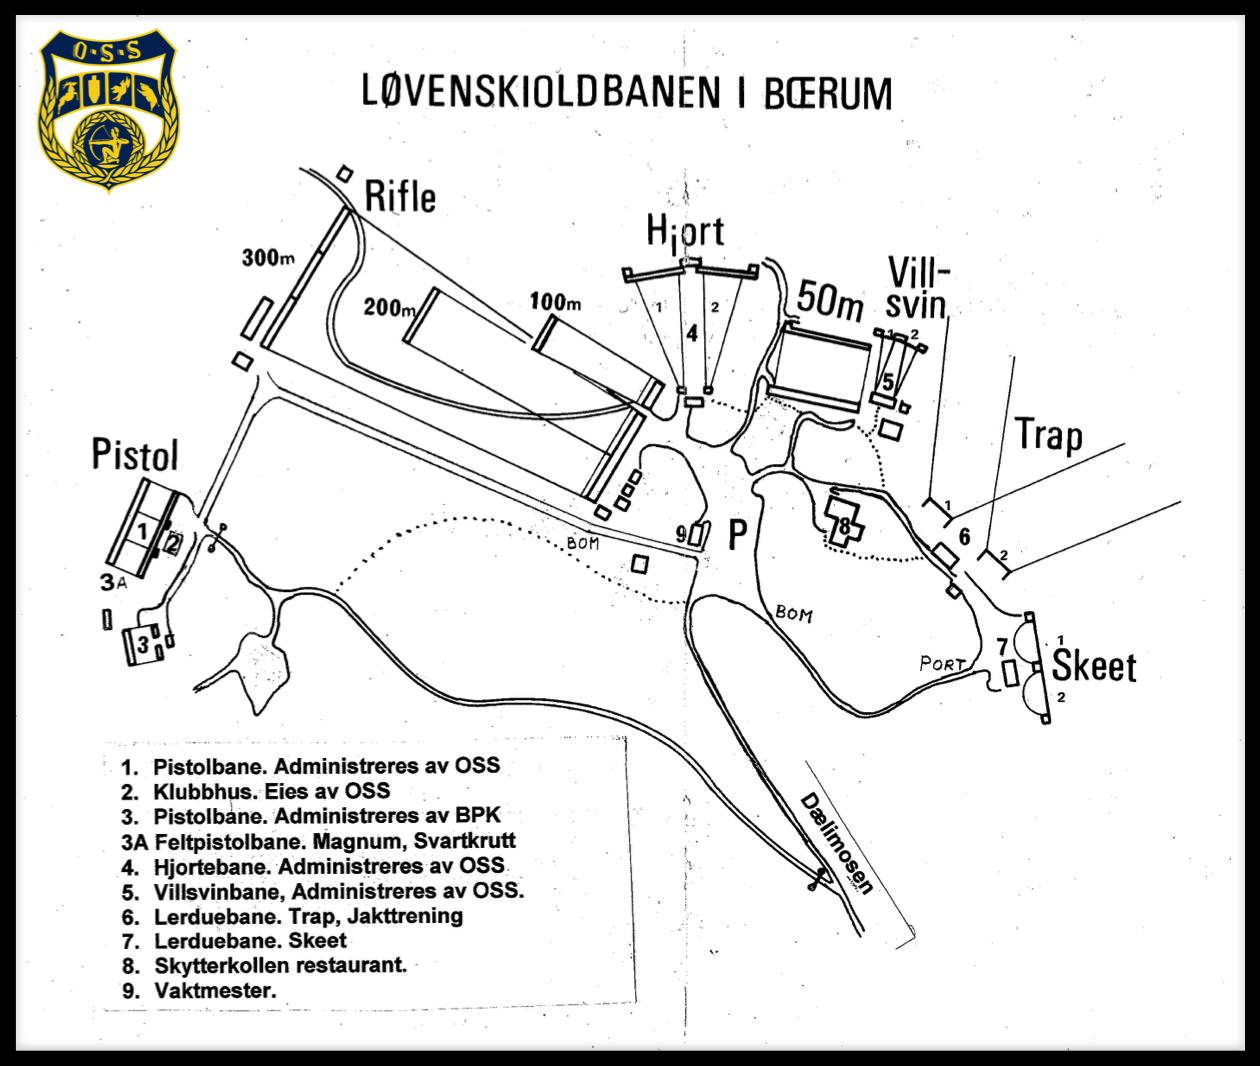 Oversikt over Løvenskioldbanene i Eiksmarka, Bærum. Oslo Sportsskyttere.